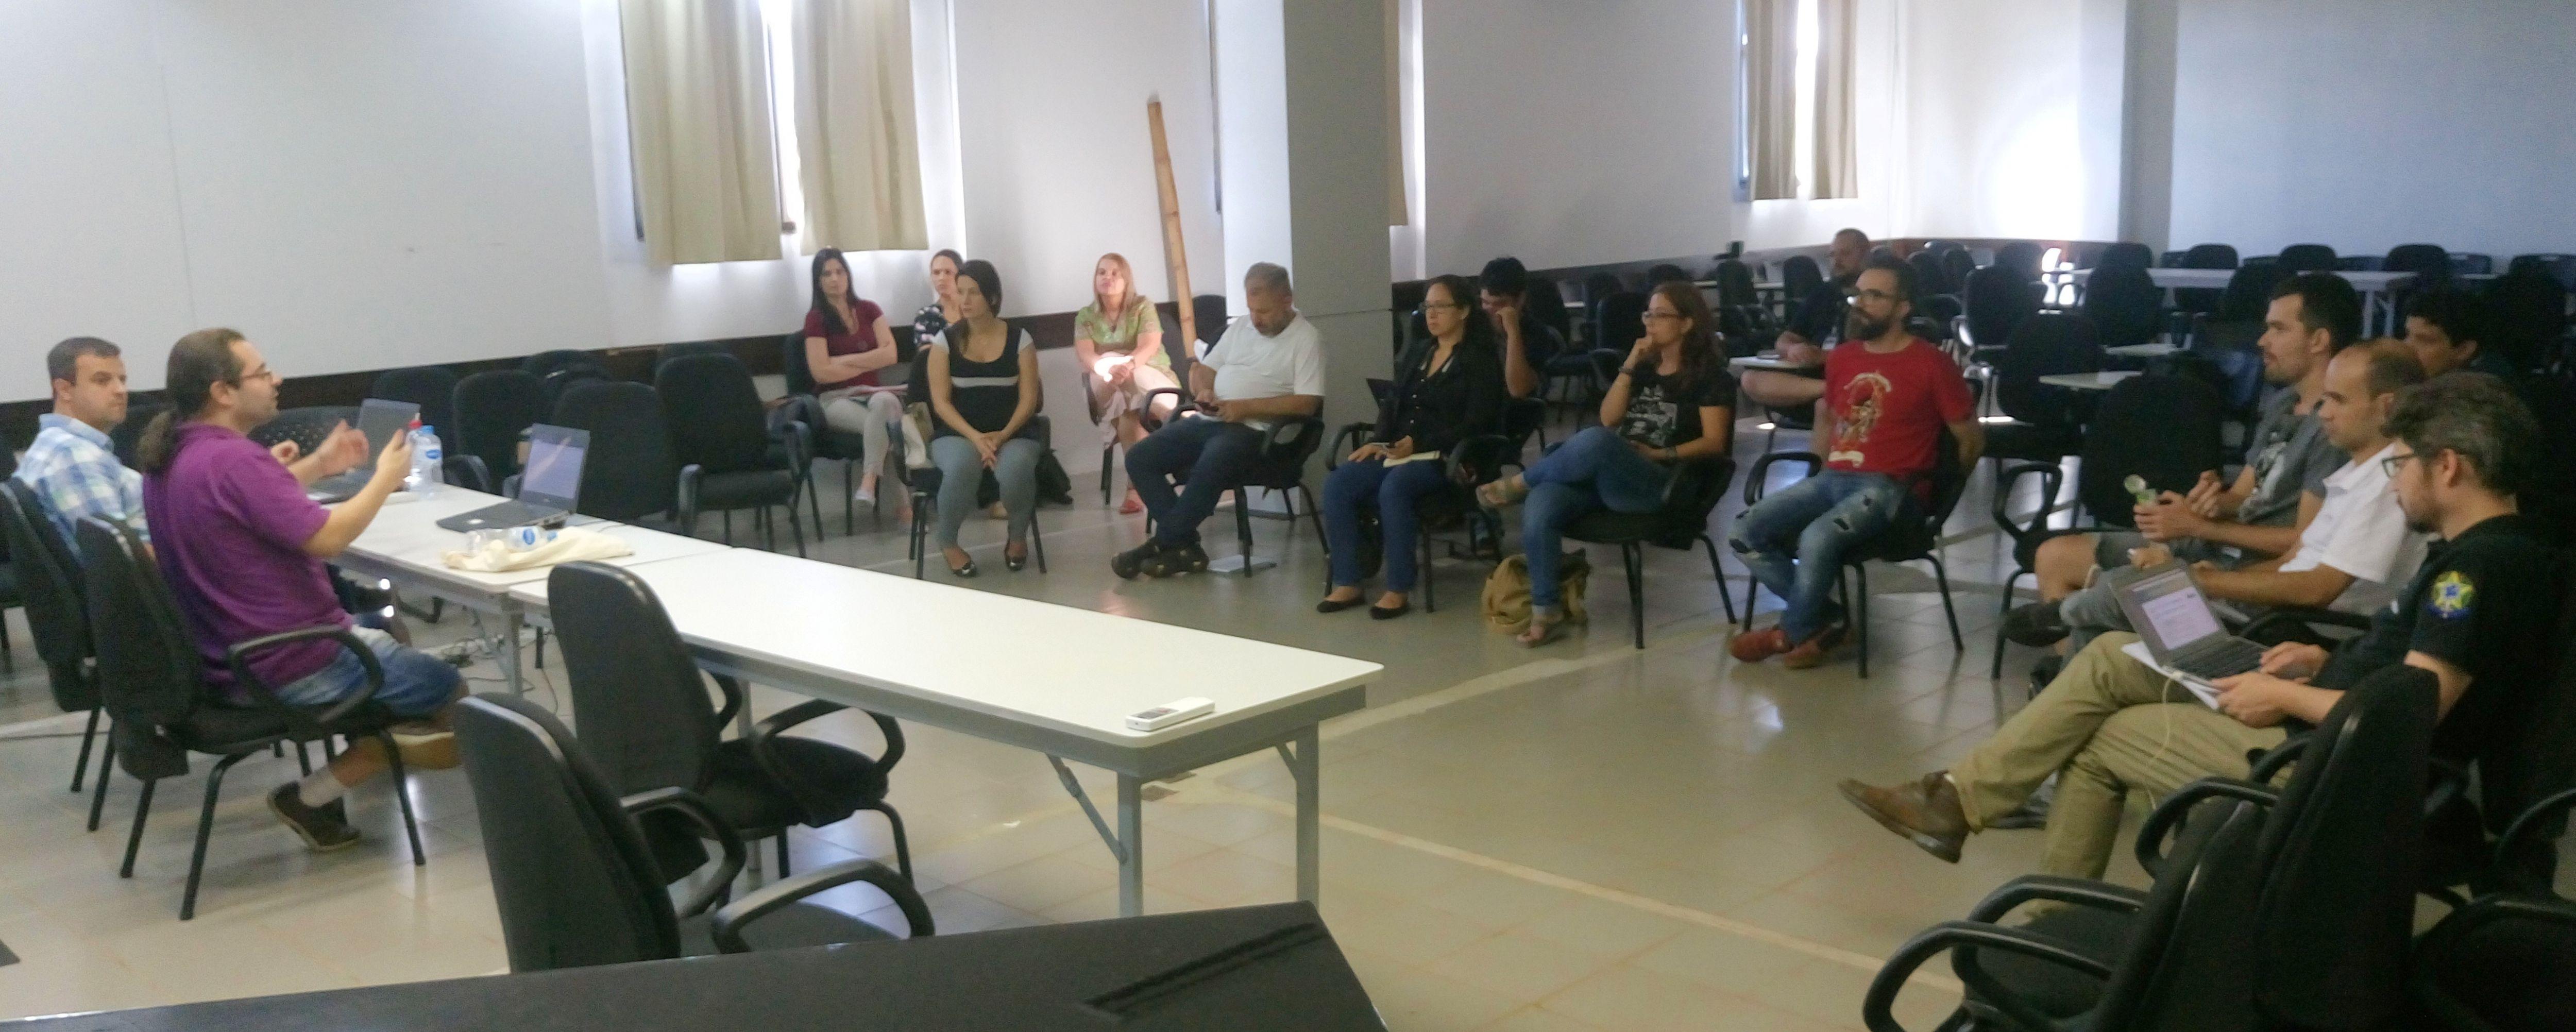 Professores reunidos para discutir questões estratégicas para a Pós-Graduação da UNILA